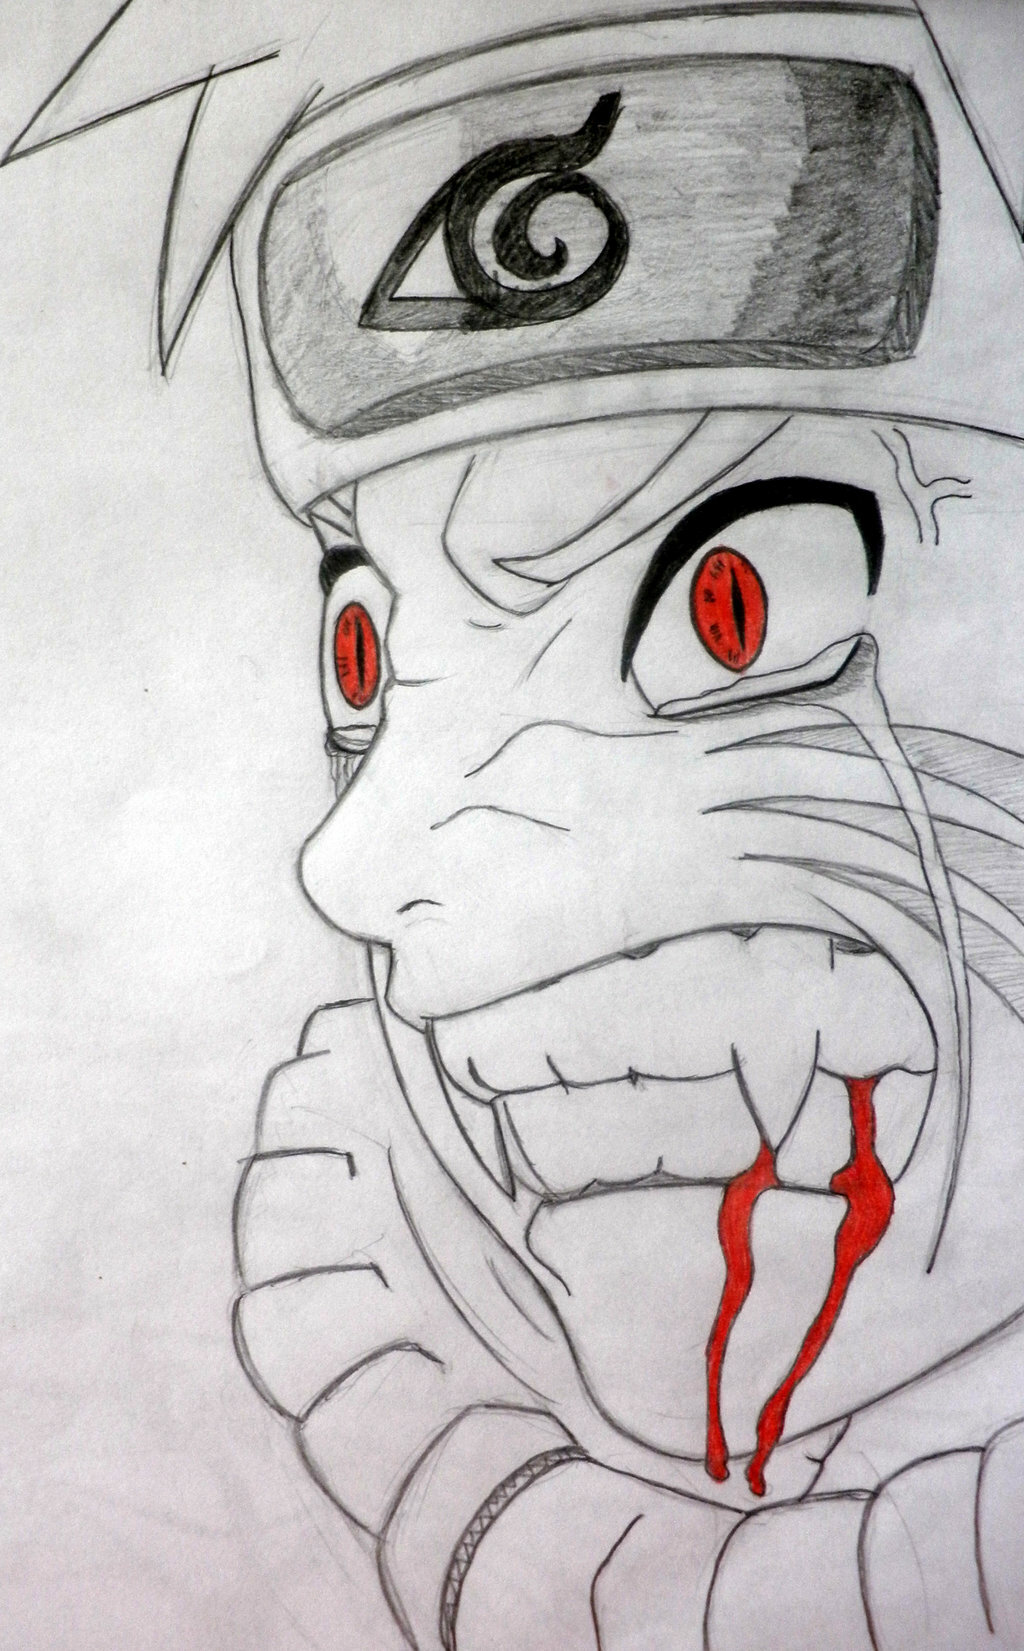 Картинки наруто аниме карандашом для